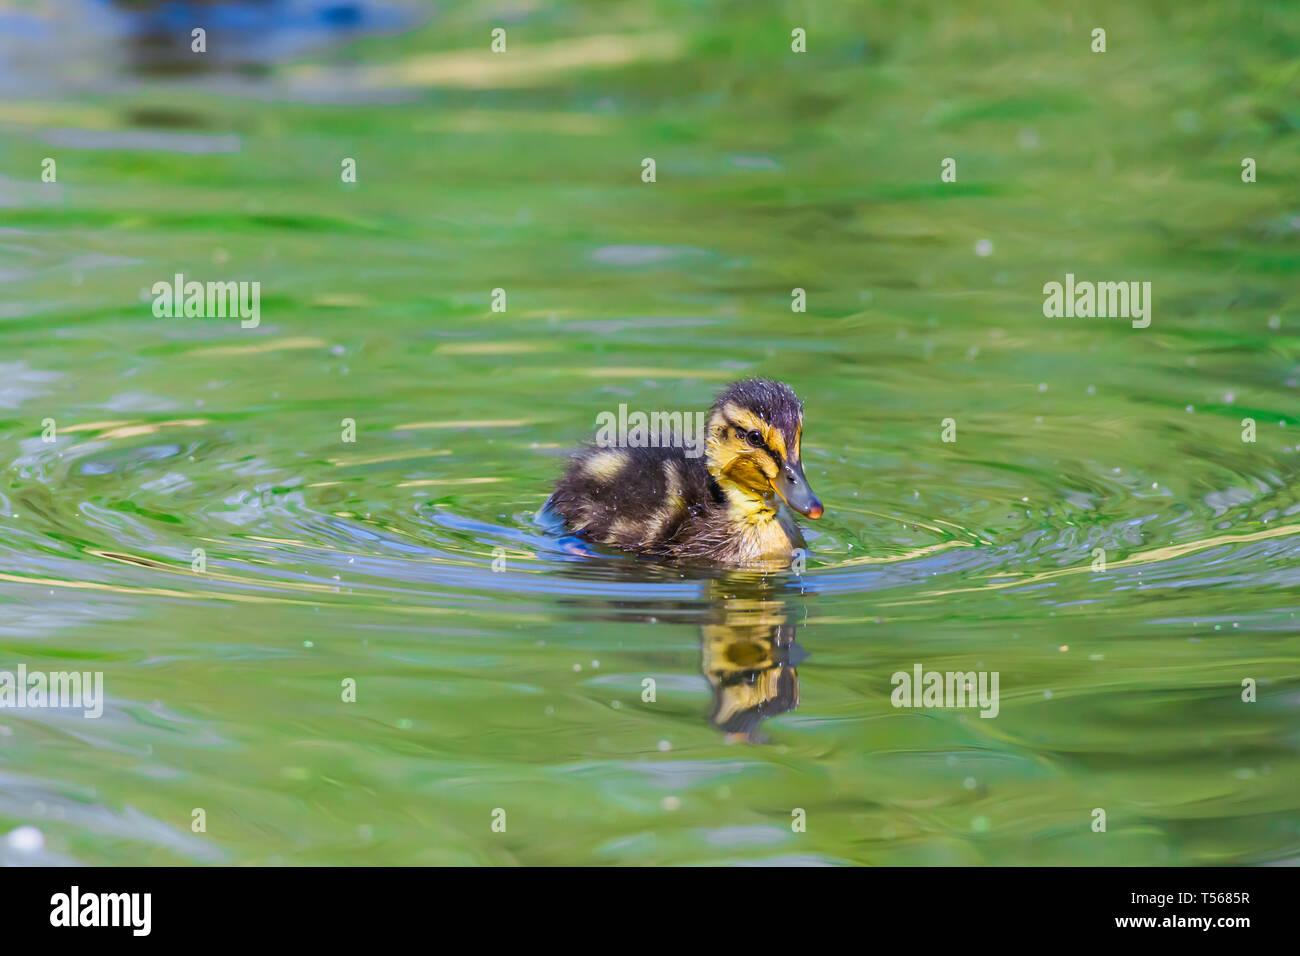 Un adorabile e soffici anatroccolo nuoto nel lago con acqua verde.British fauna selvatica in primavera.Concetto di morbidezza, perfetto Easter card. Aprile. Immagini Stock